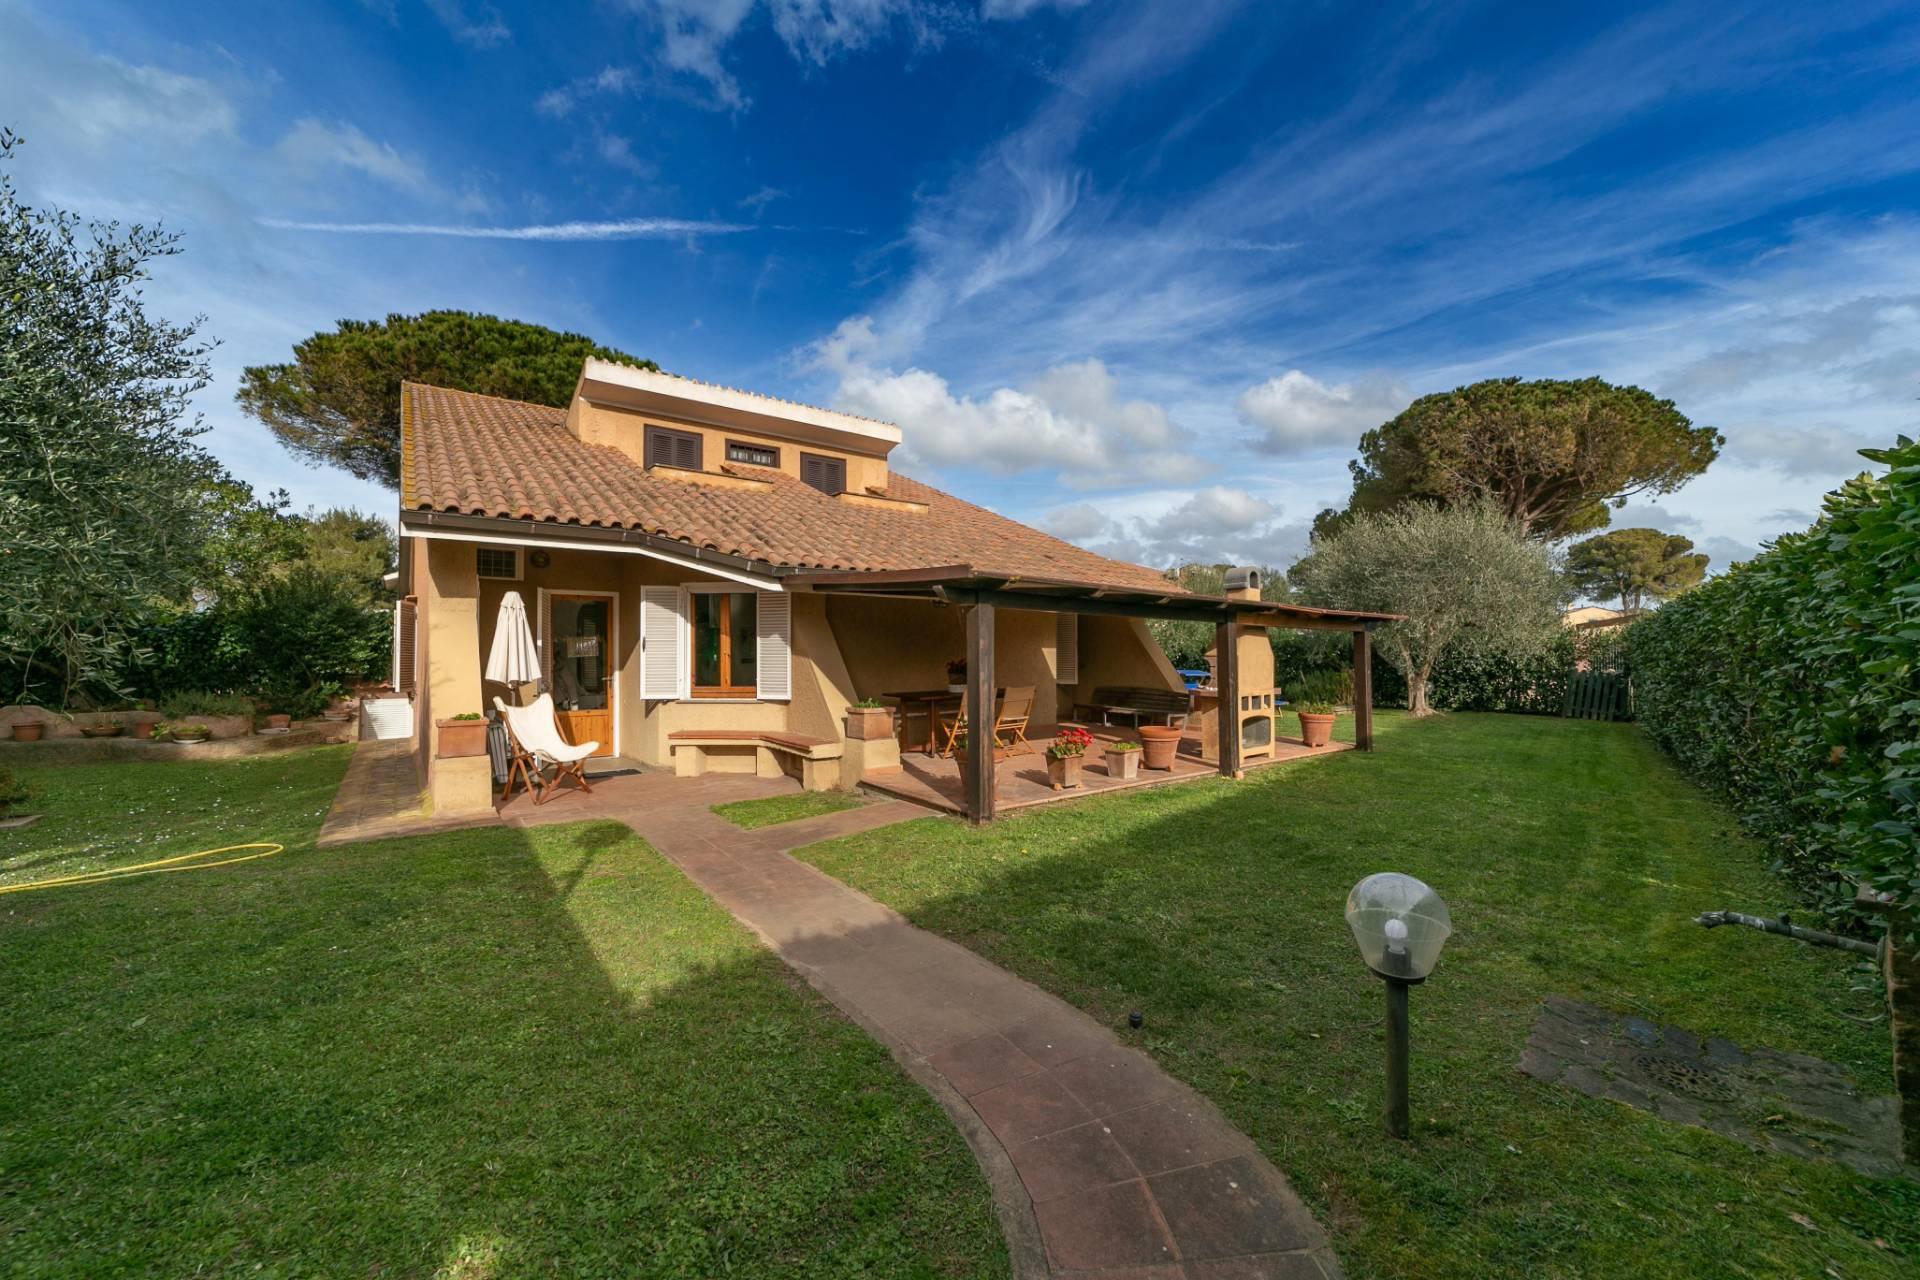 Appartamento in vendita a Orbetello, 4 locali, zona nella, prezzo € 550.000 | PortaleAgenzieImmobiliari.it